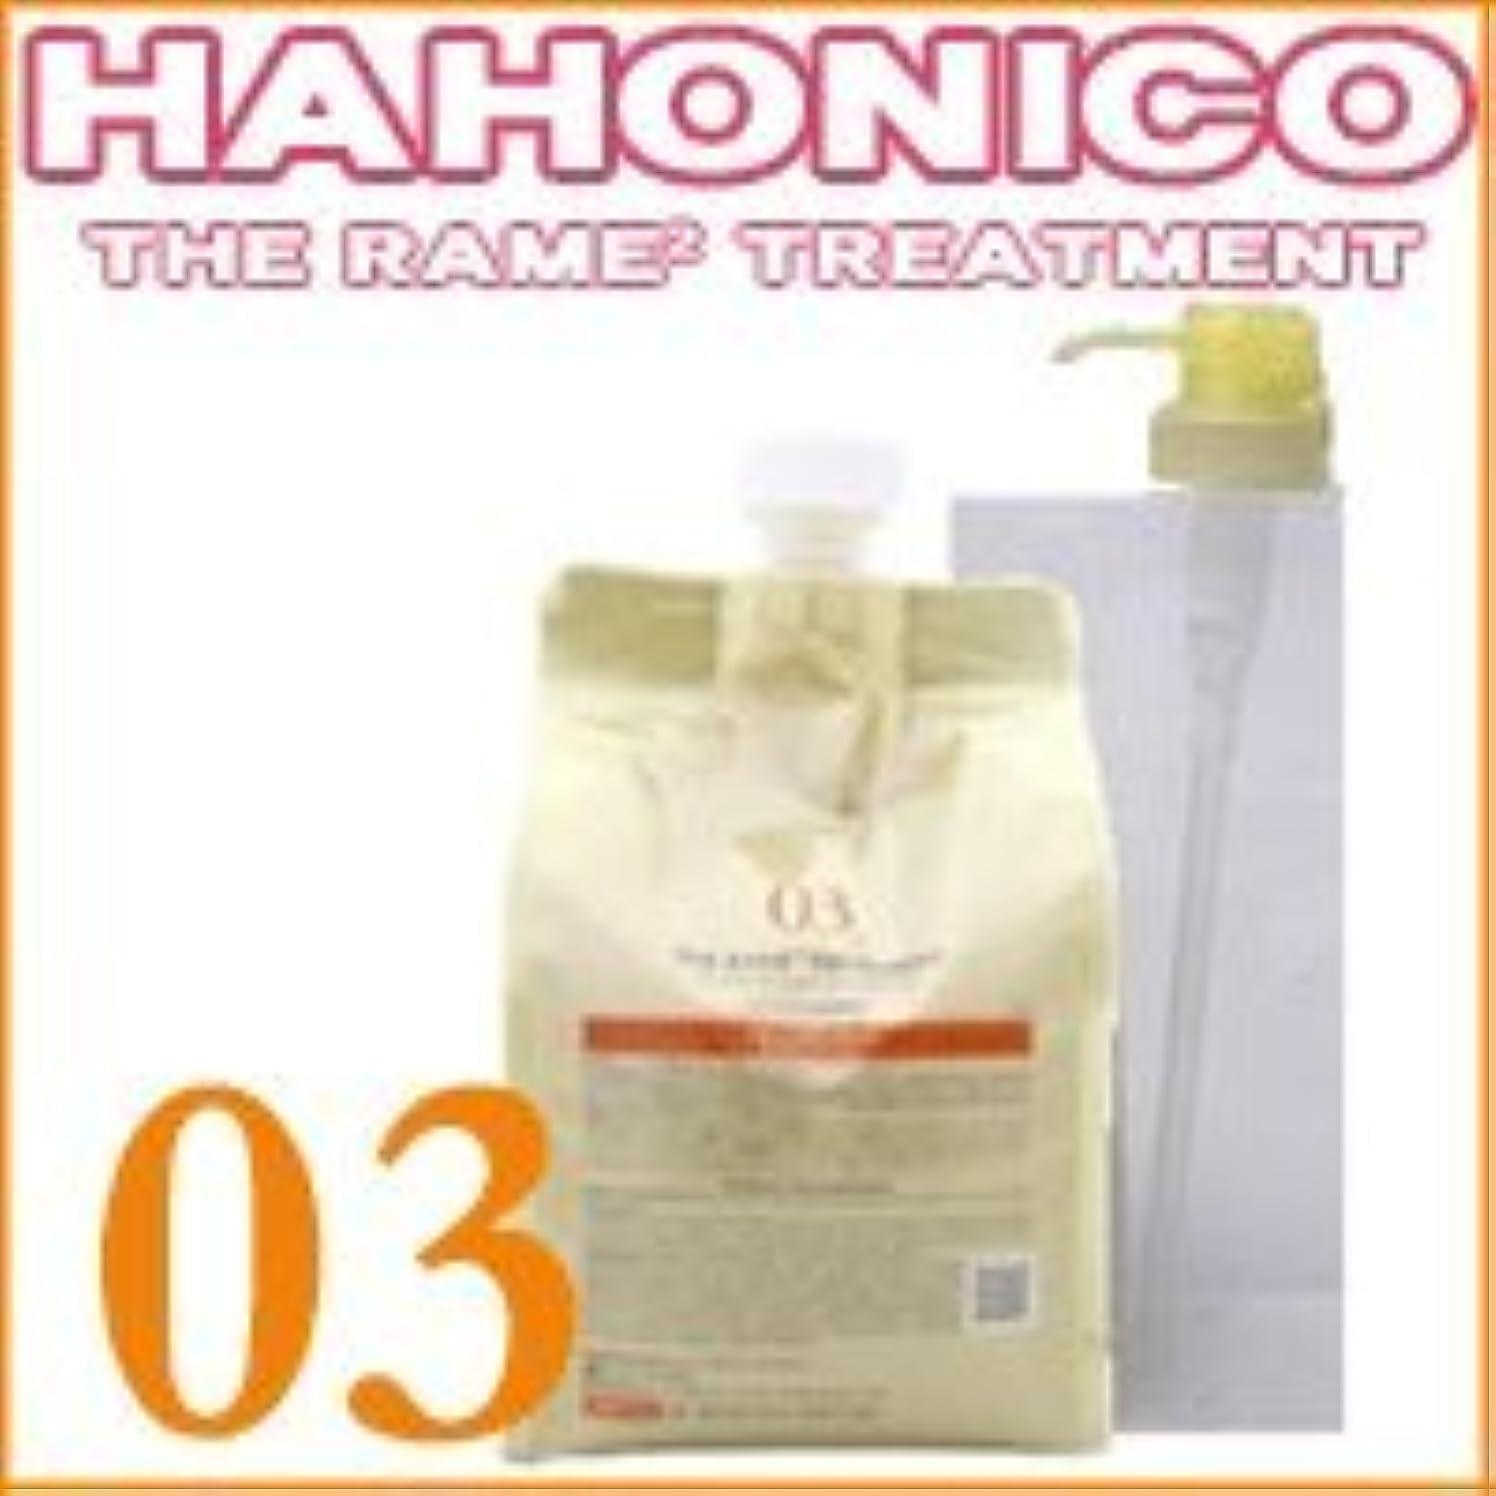 フロンティアゴールド相関するハホニコ ザラメラメ 3 反応型トリートメント 1000g 専用カバー&ポンプ付き